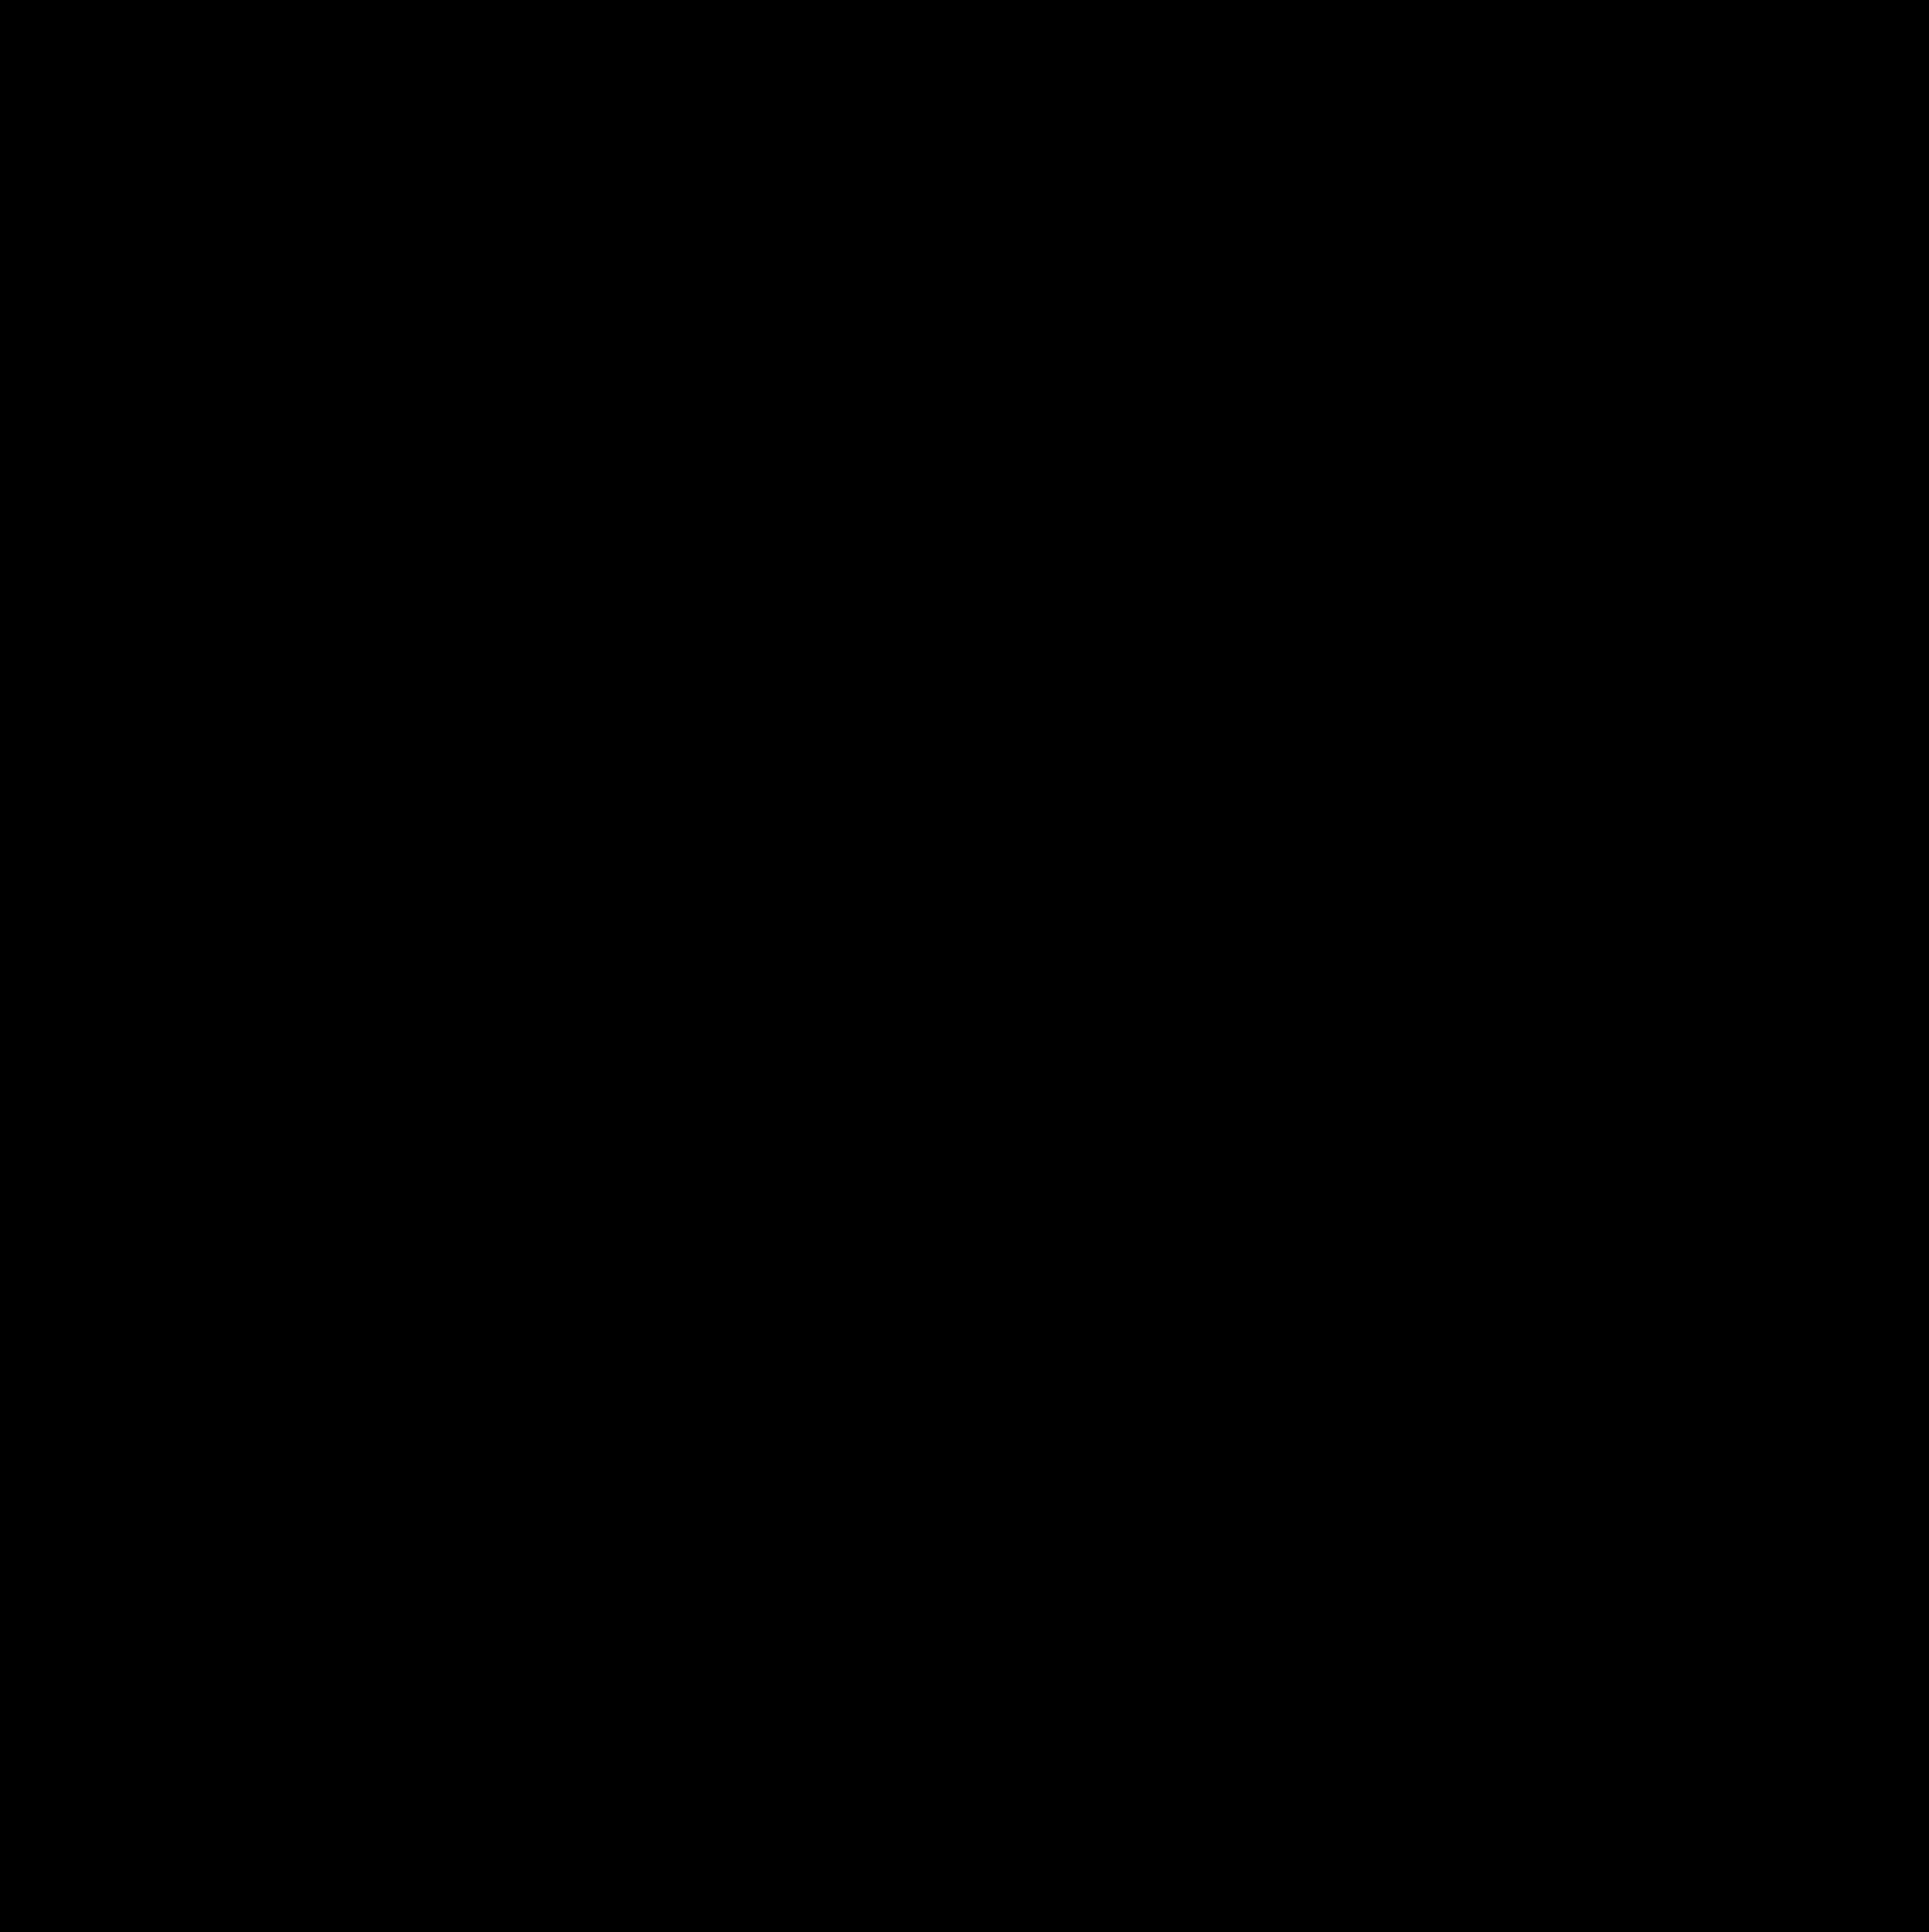 Fondazione regionale vittime di reati